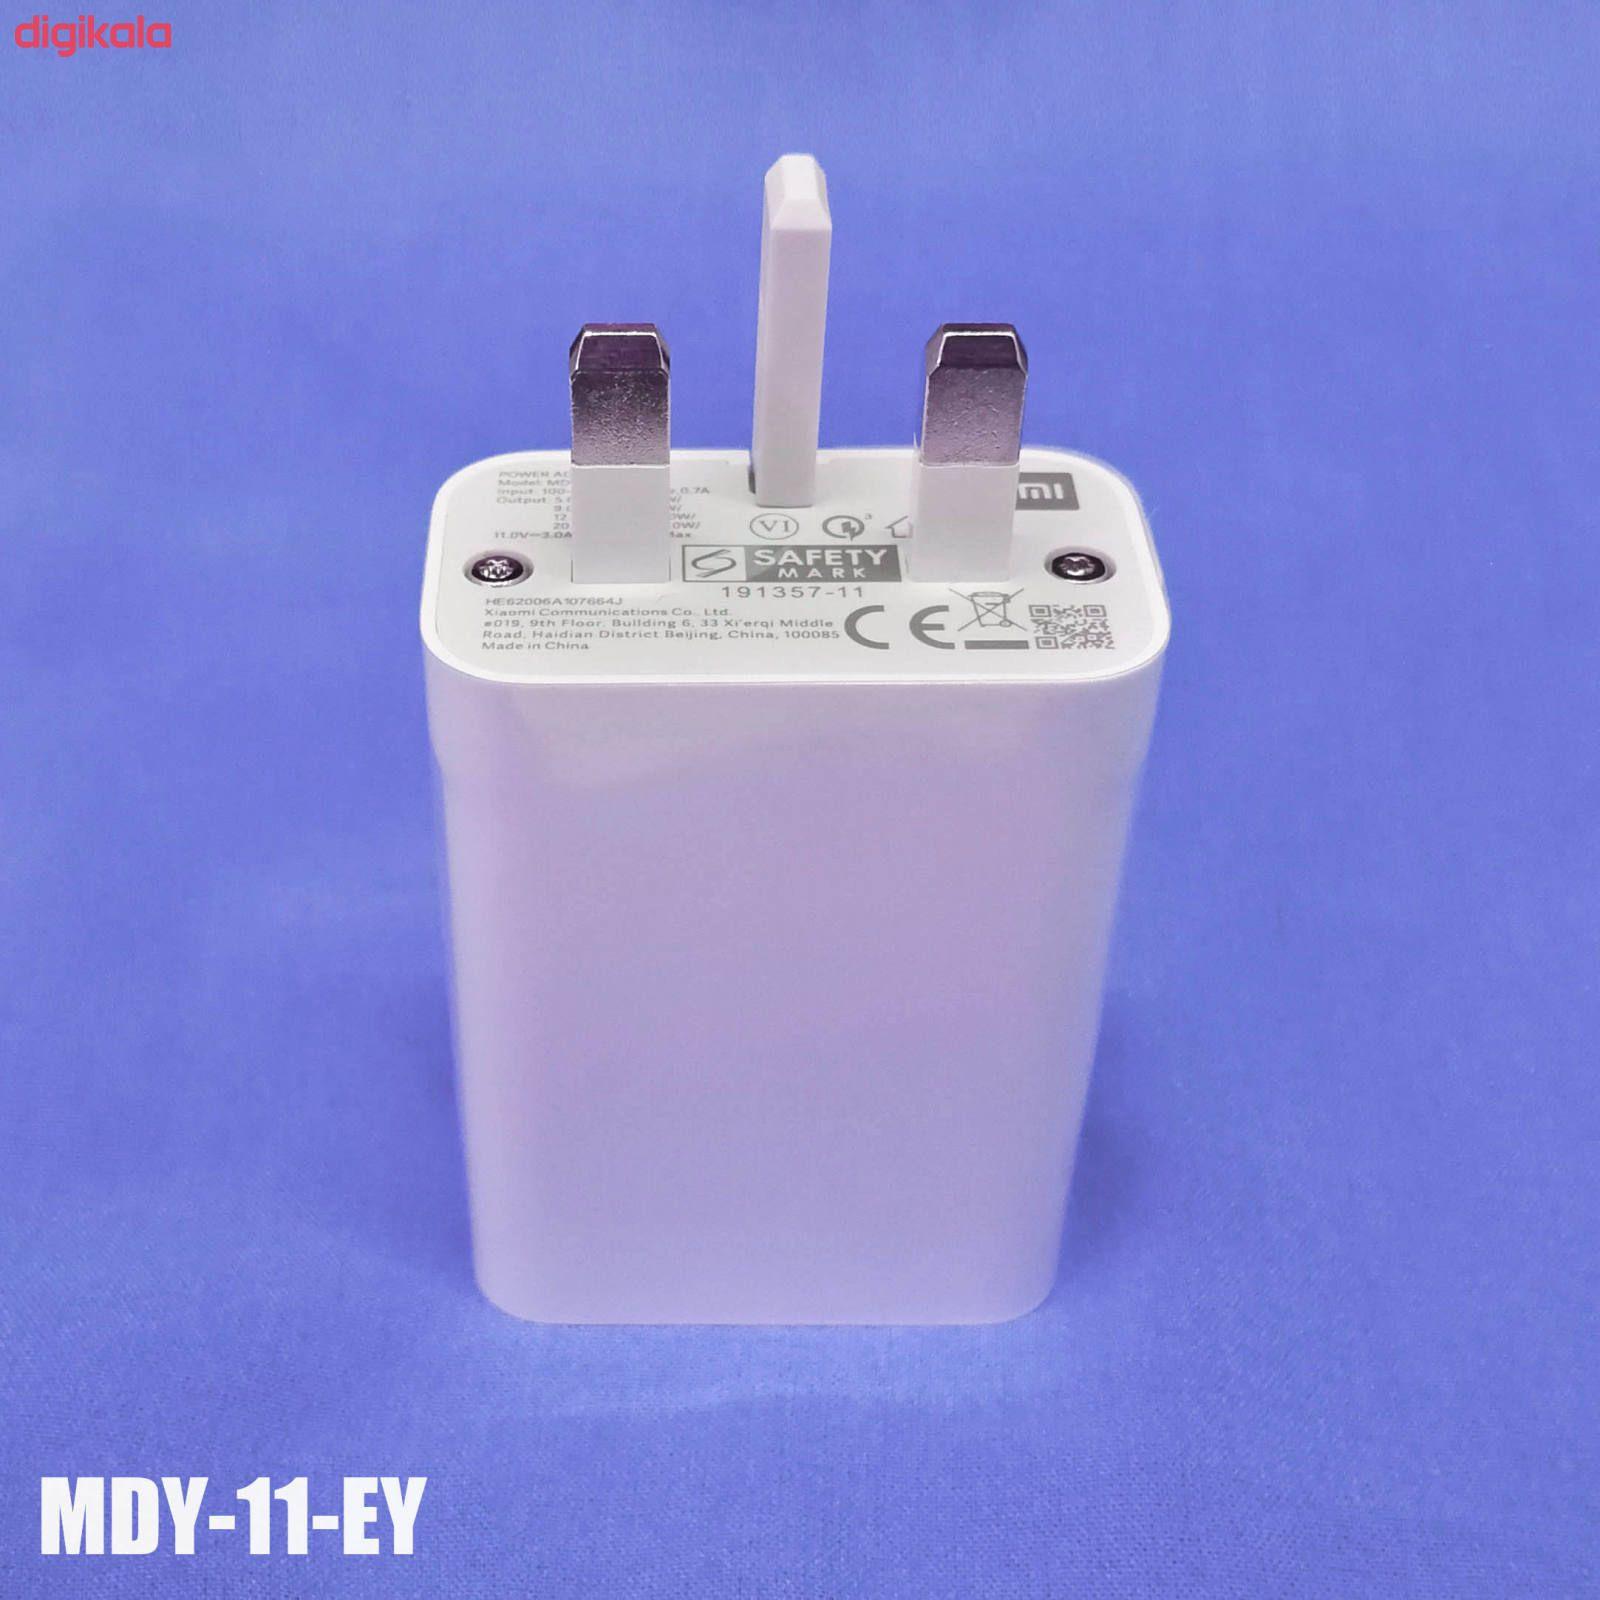 شارژر دیواری شیائومی مدل MDY-11-EY main 1 3